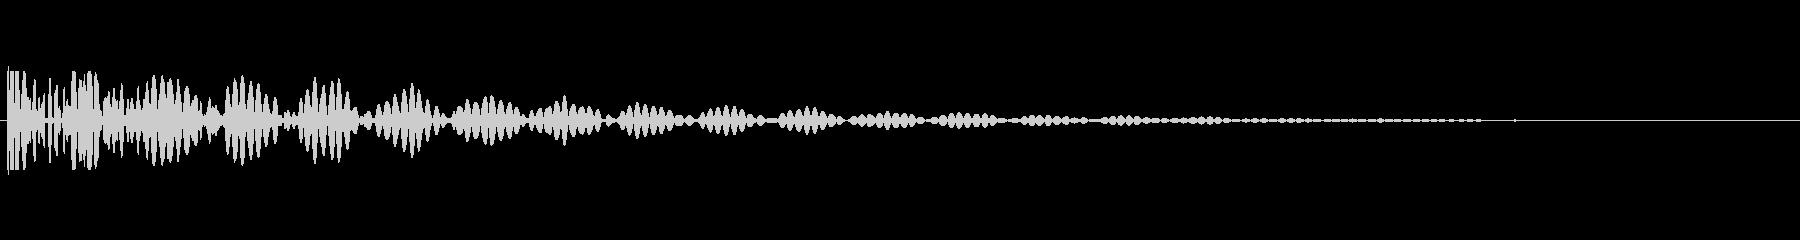 ポン (決定・キャンセル音)の未再生の波形